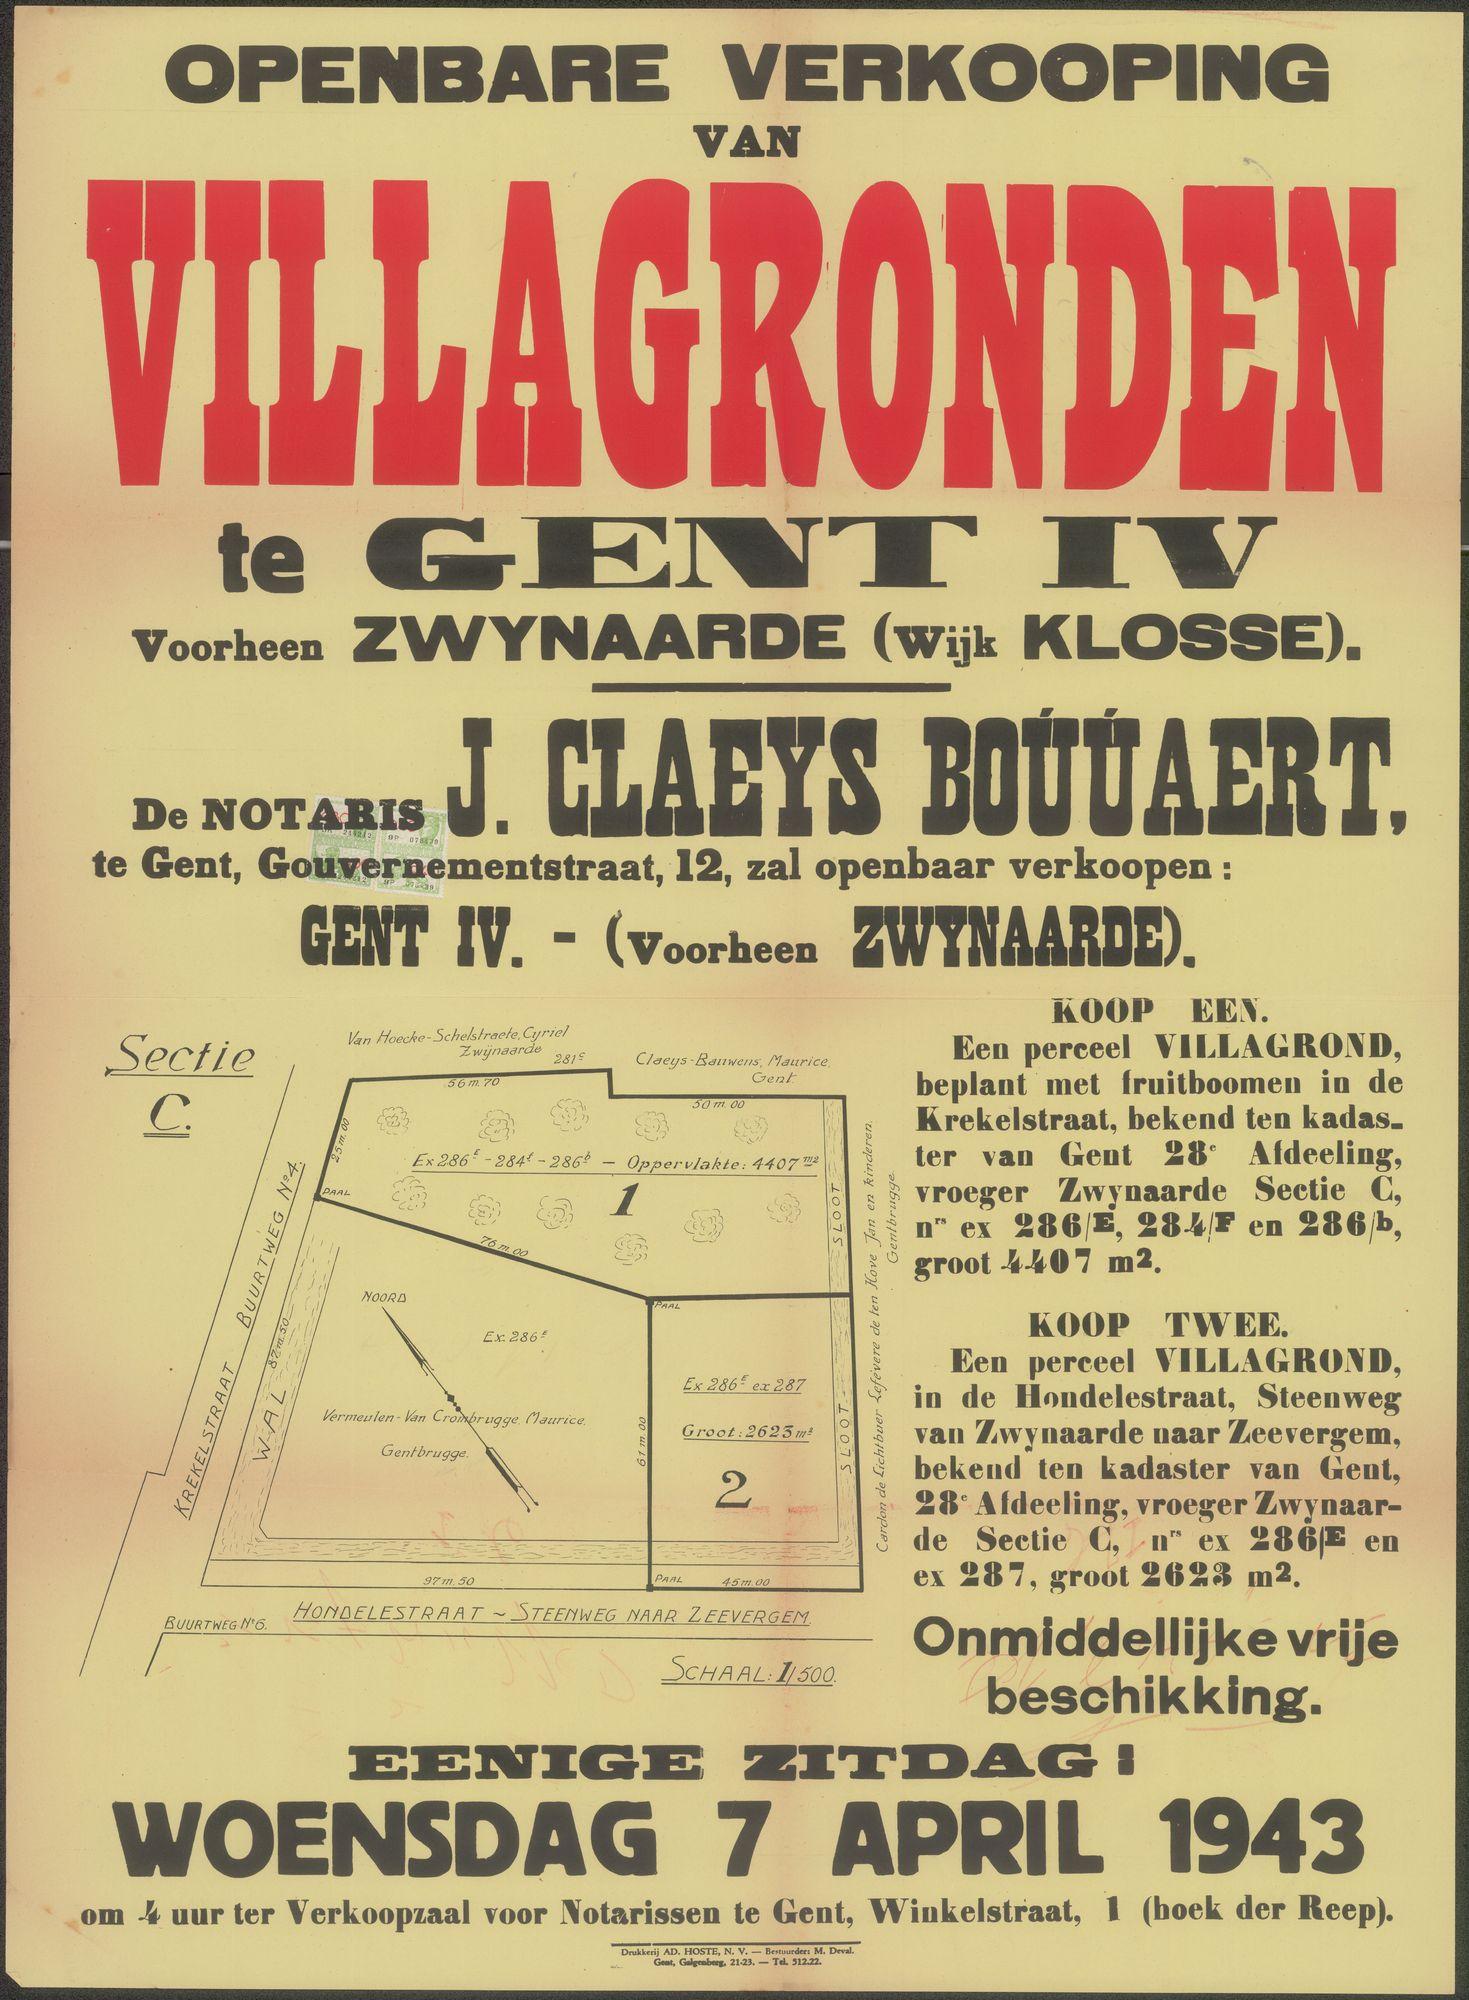 Openbare verkoop van Villagronden te Gent IV,  voorheen Zwynaarde (Wijk Klosse), Gent, 7 april 1943